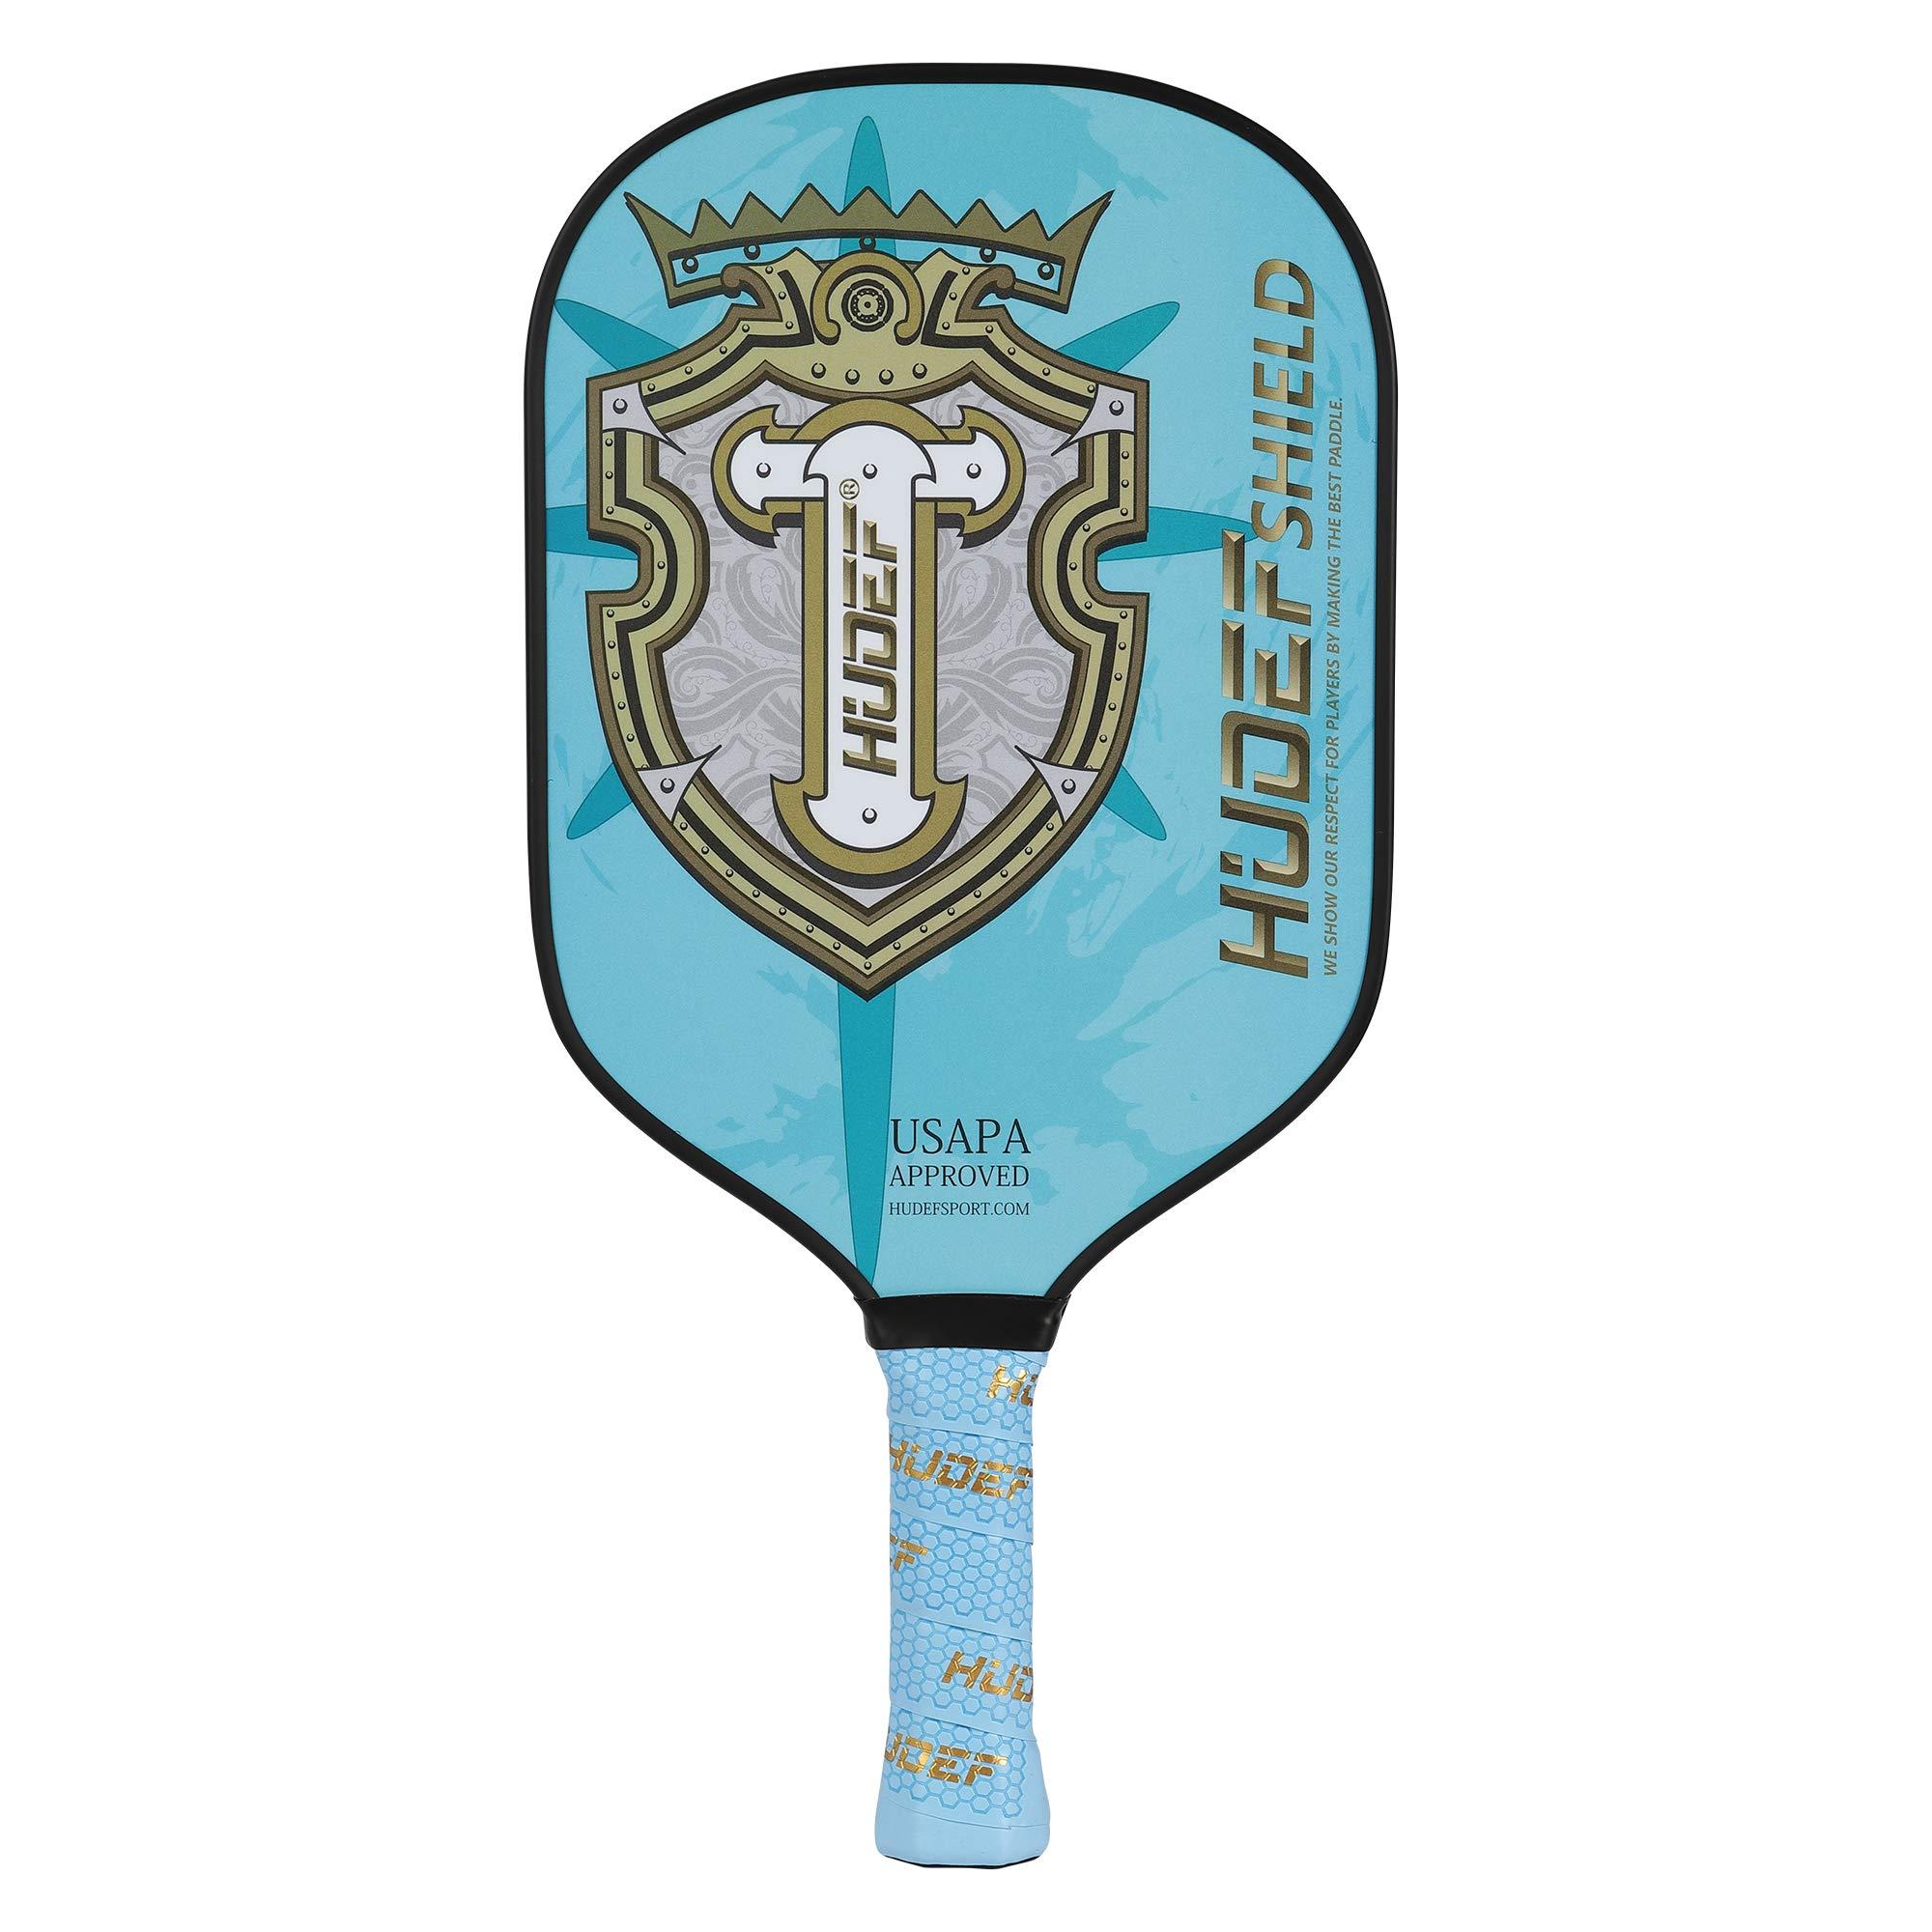 HUDEF Pickleball Paddles Racket Graphite Carbon Fiber  -TQN1